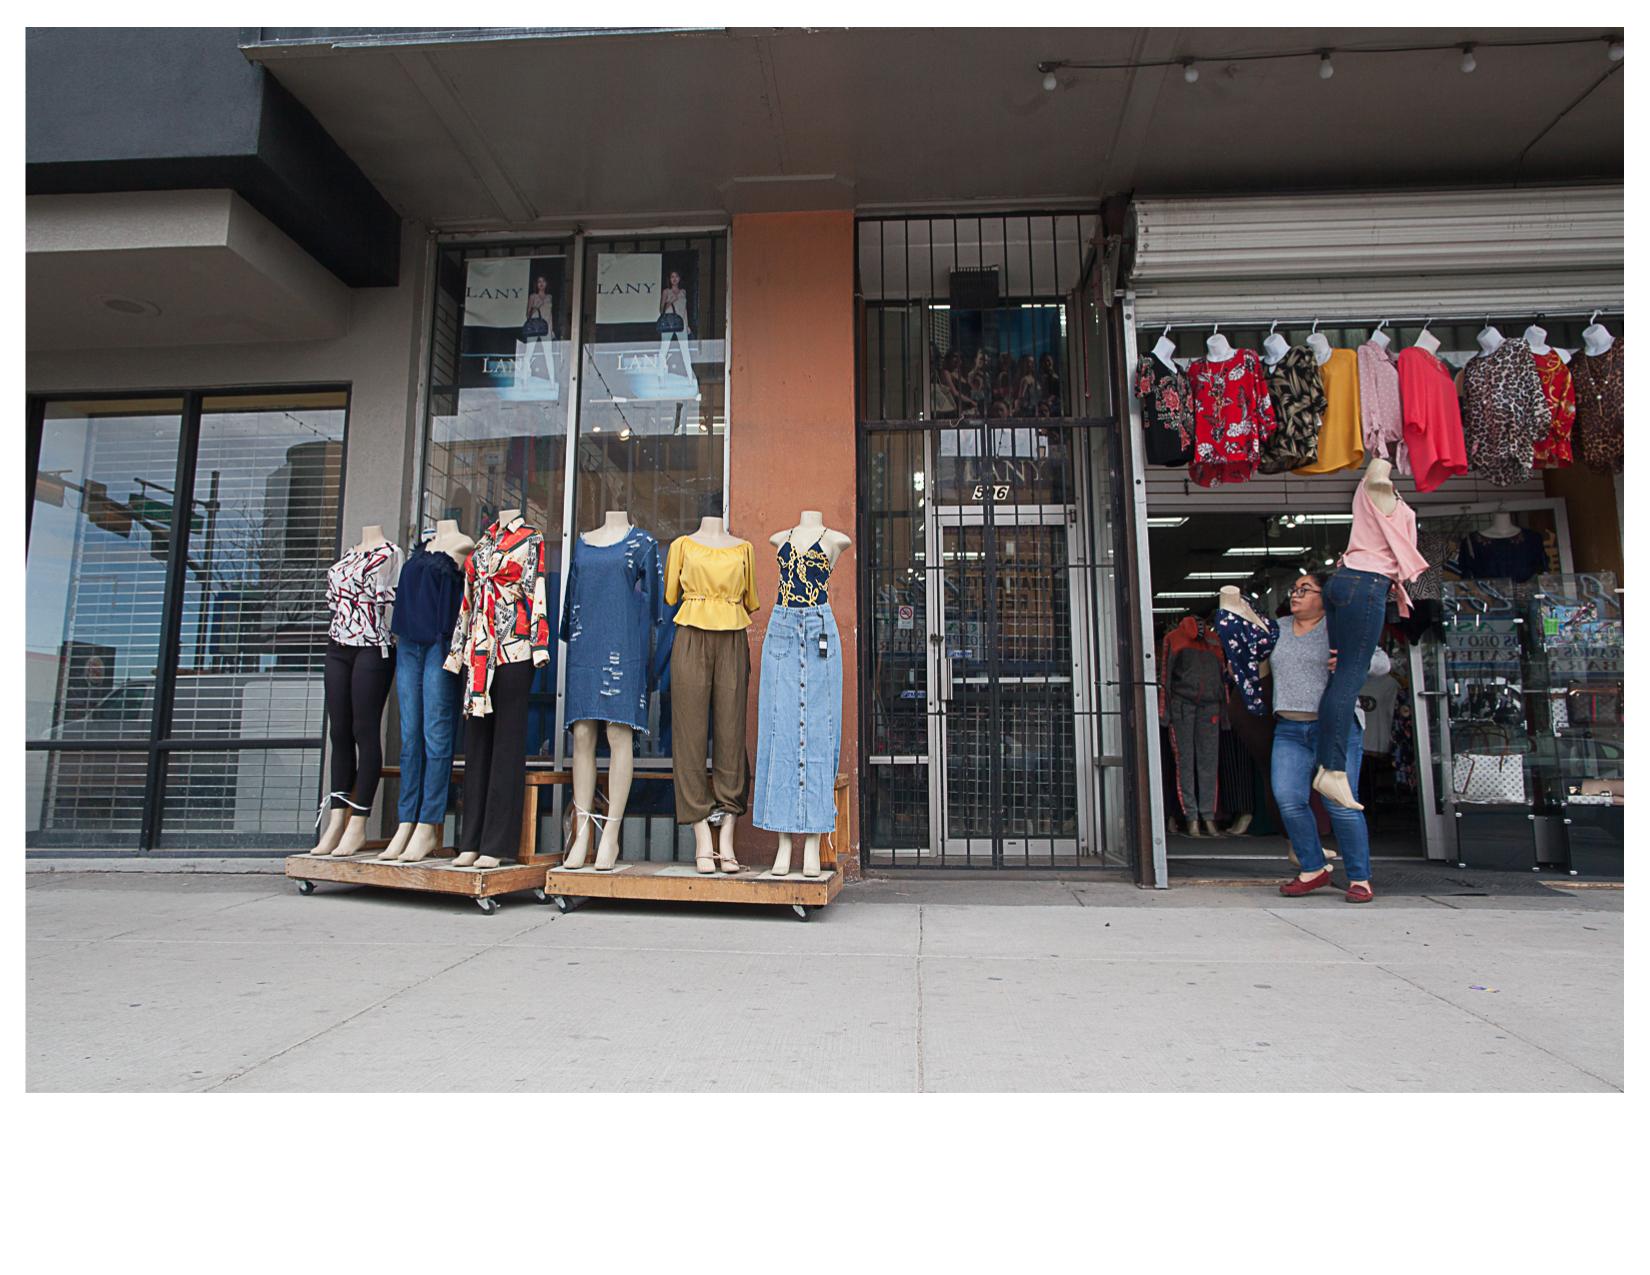 Shop on El Paso Street, Chihuahuita, El Paso, TX